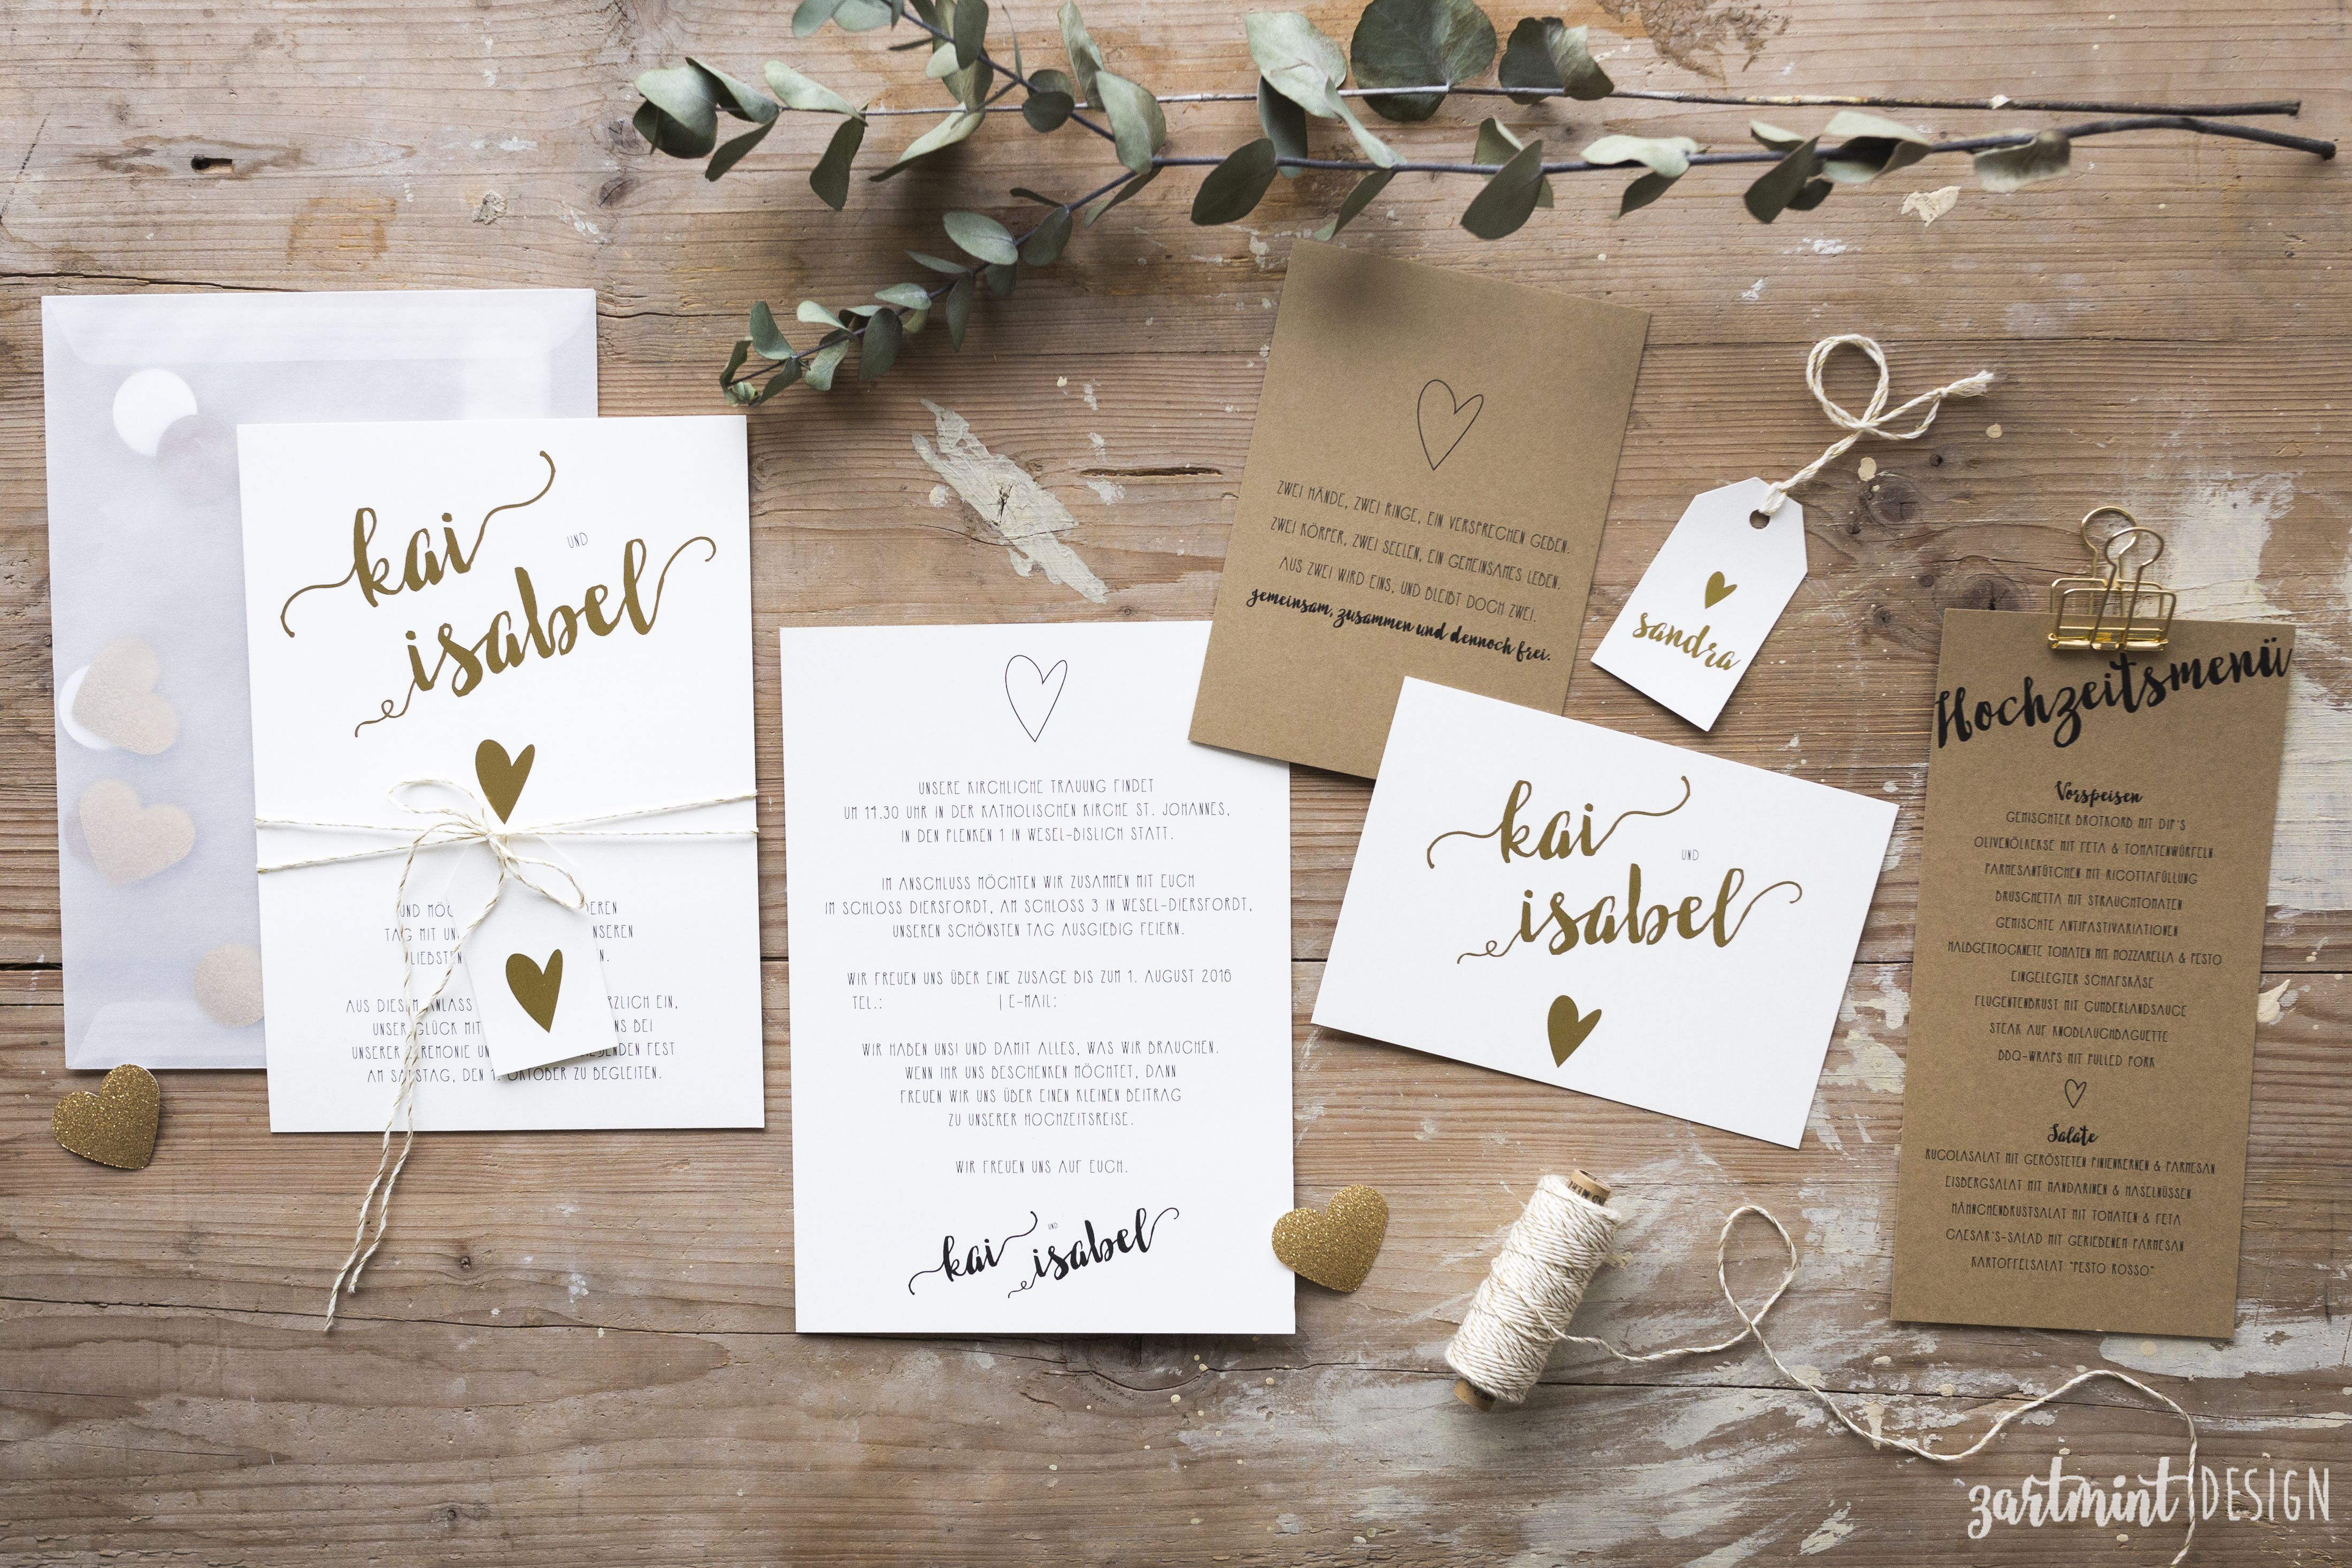 Perfekt Hochzeitspapeterie | Hochzeitseinladung Herz Aus Gold ♥ Heißfolie,  Goldprägung, Goldfolie, Vintage, Hippie, Boho, Zartmint Design, Bonn, Köln,  NRW, ...